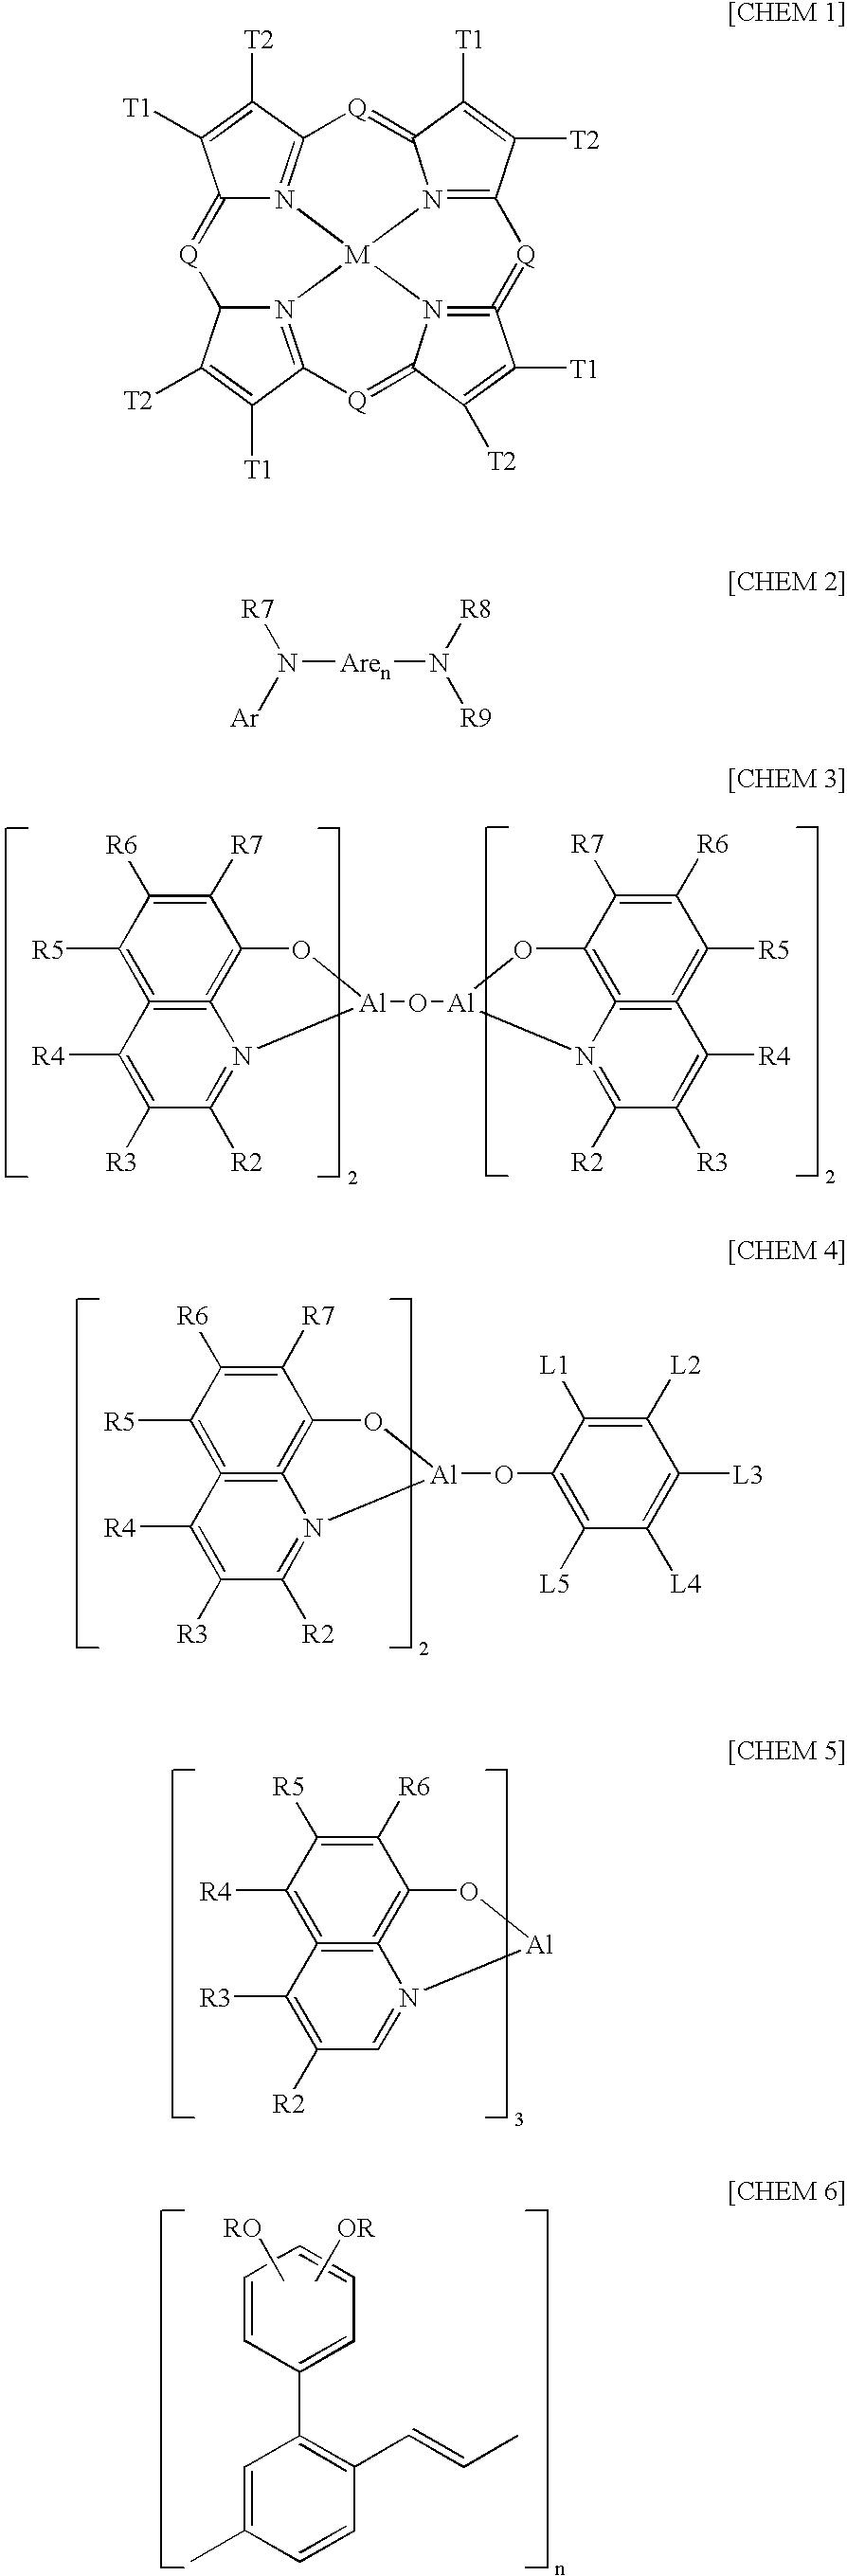 Figure US20050208863A1-20050922-C00001